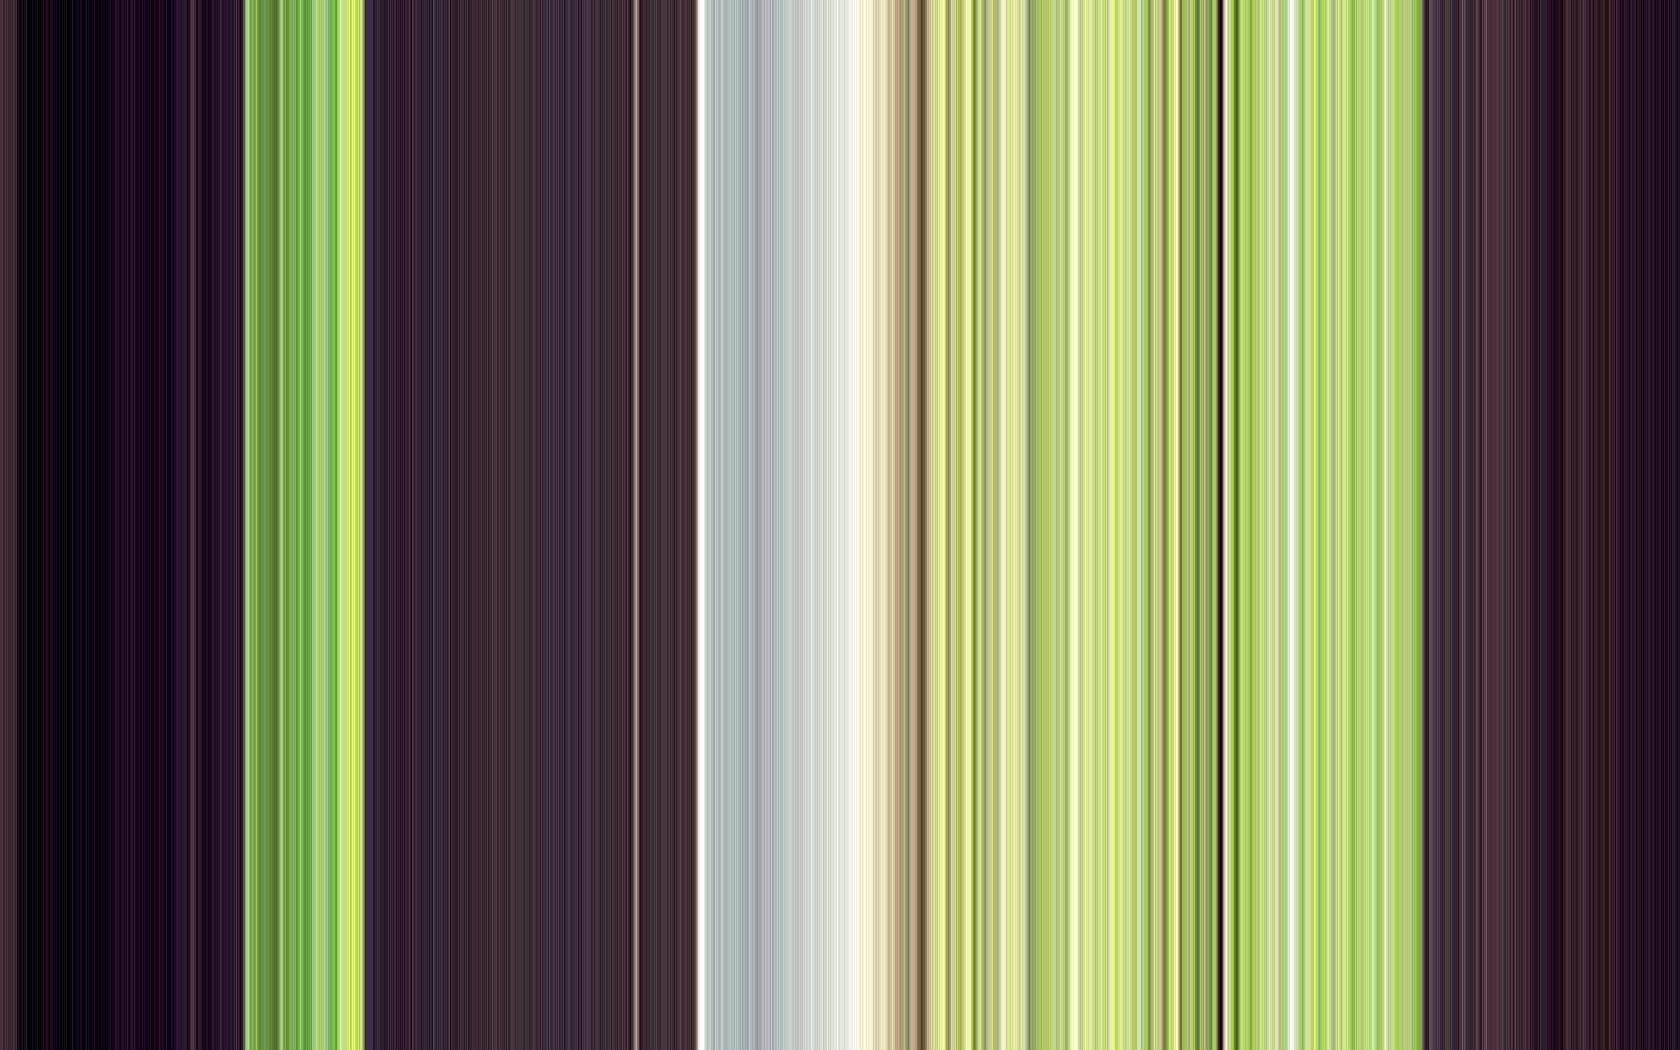 Необычная яркая текстура - обои для ...: www.zastavki.com/rus/3D-graphics/wallpaper-21826.htm